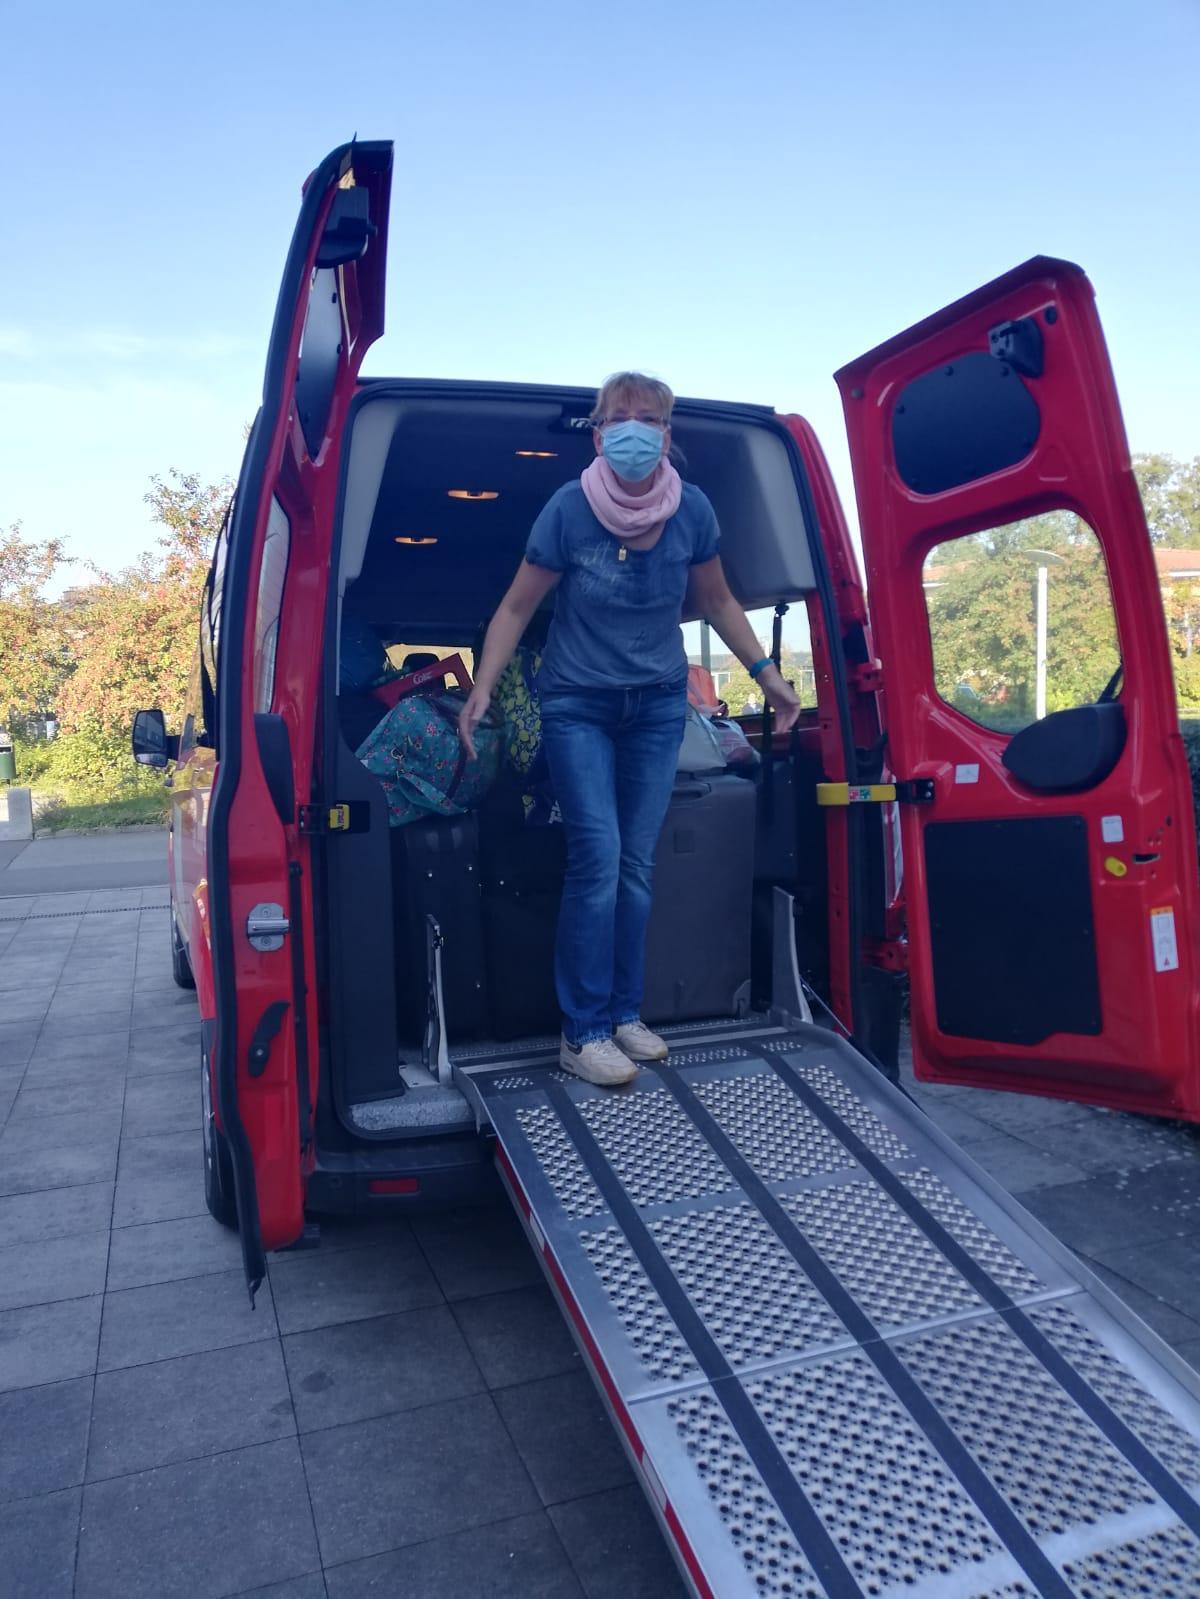 Michaela Ruhp, Alltagsmaske tragend, steht auf der Rollstuhlrampe eines Kleinbusses.